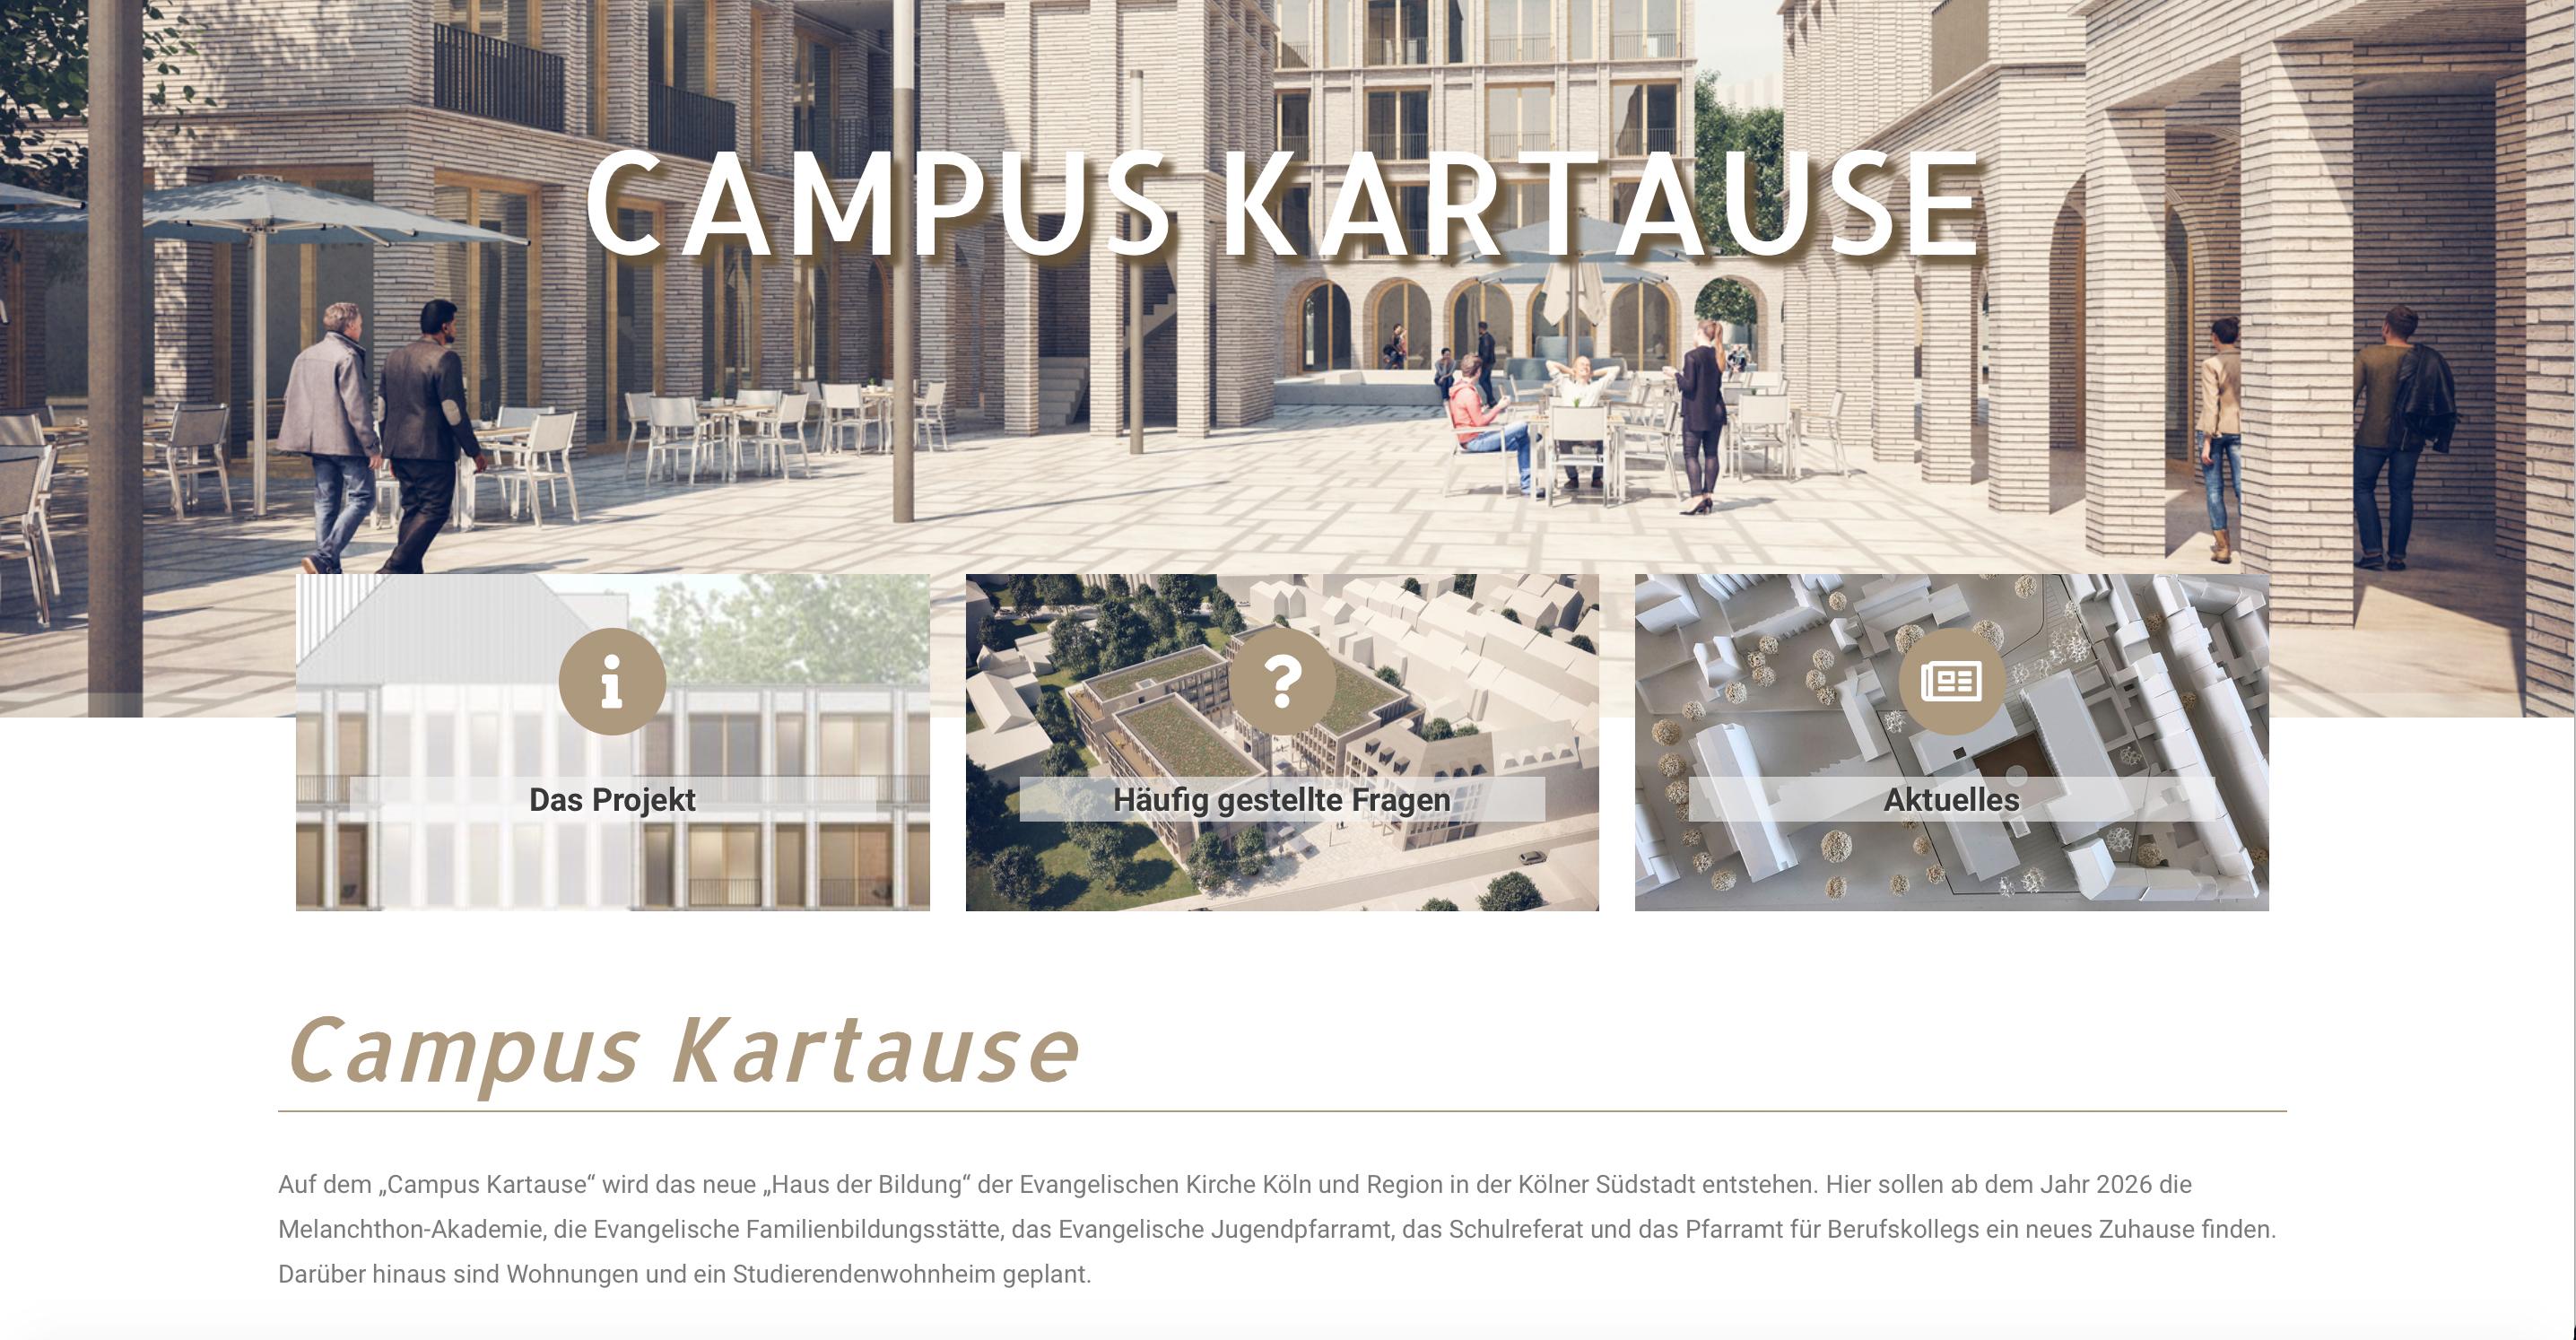 """Neue Internetseite berichtet über """"Campus Kartause"""""""